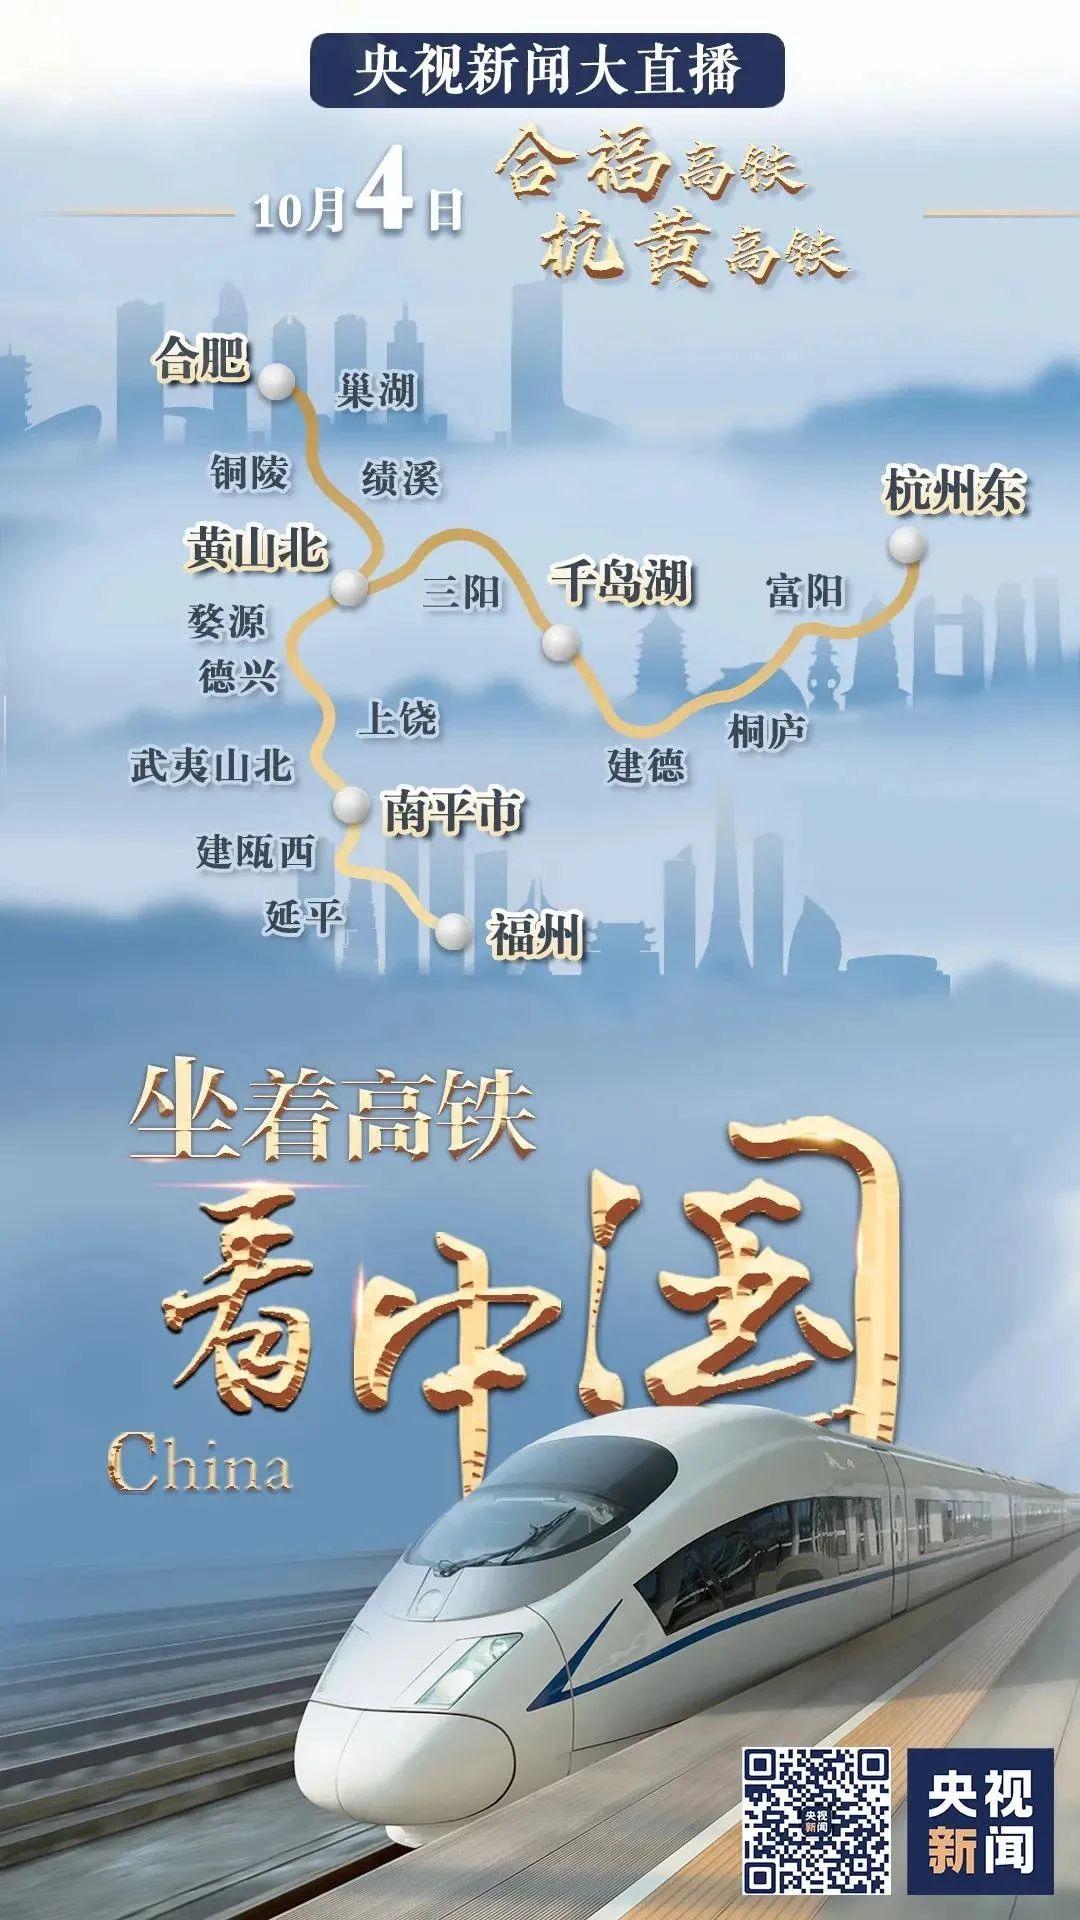 乘最美高鐵,看山水如畫的美麗中國